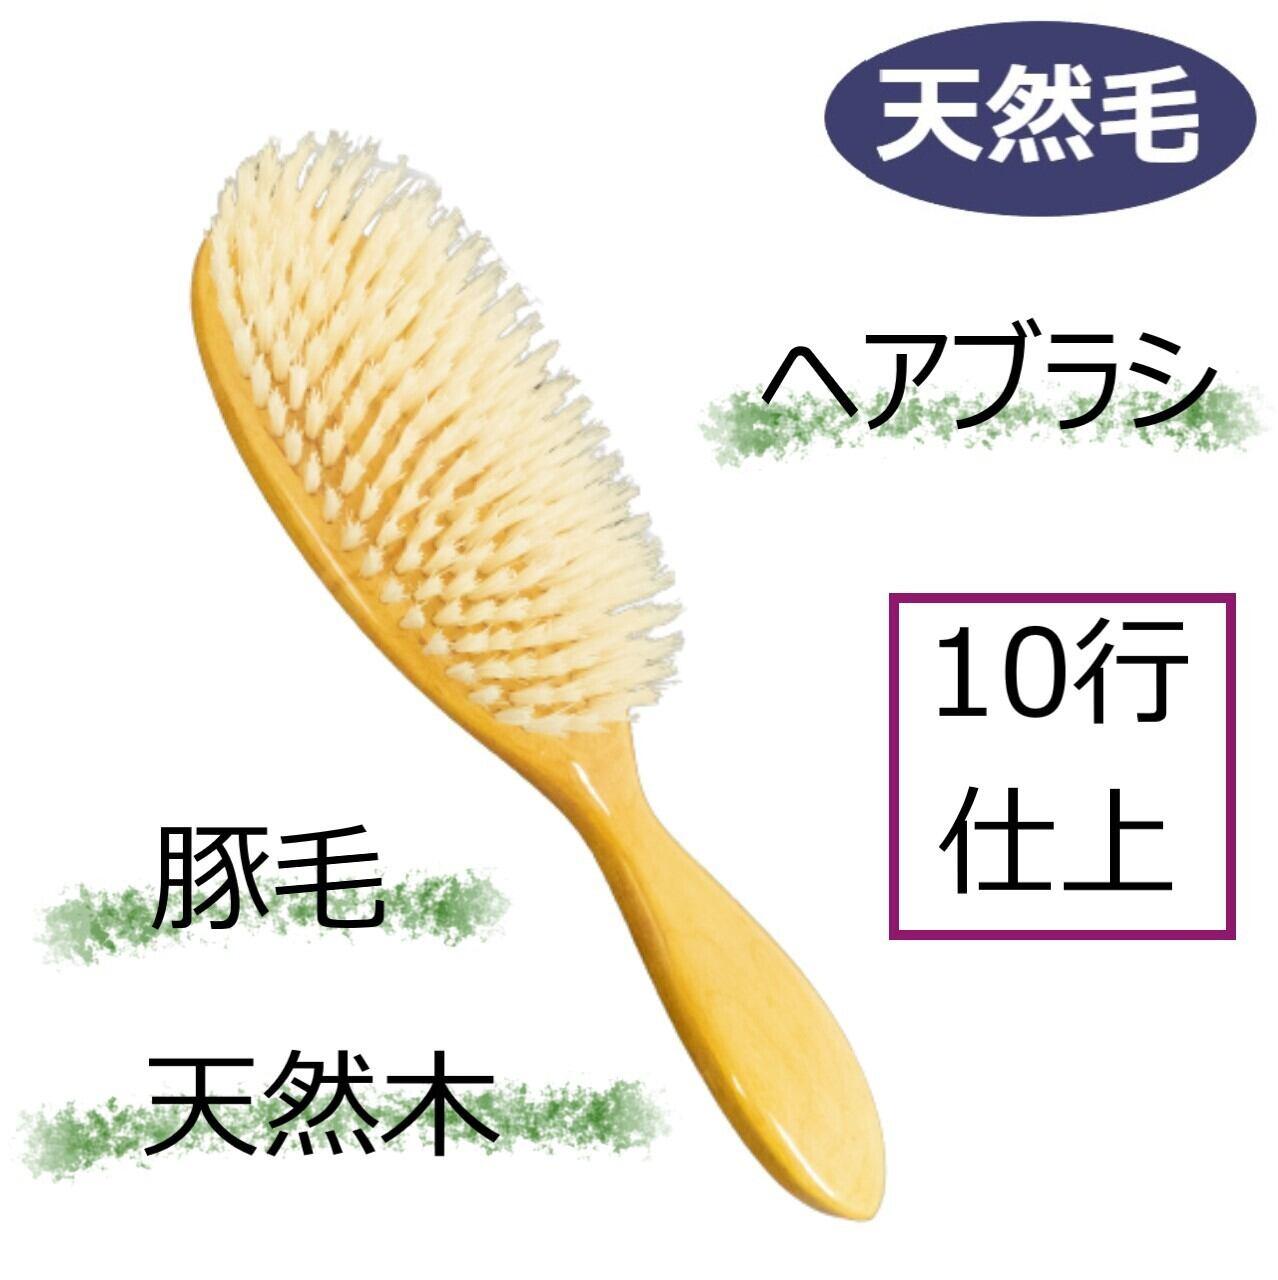 【プロ仕様】新品★天然毛100%最高級ヘアブラシ 白毛豚毛 10行 セットの仕上げに適してます